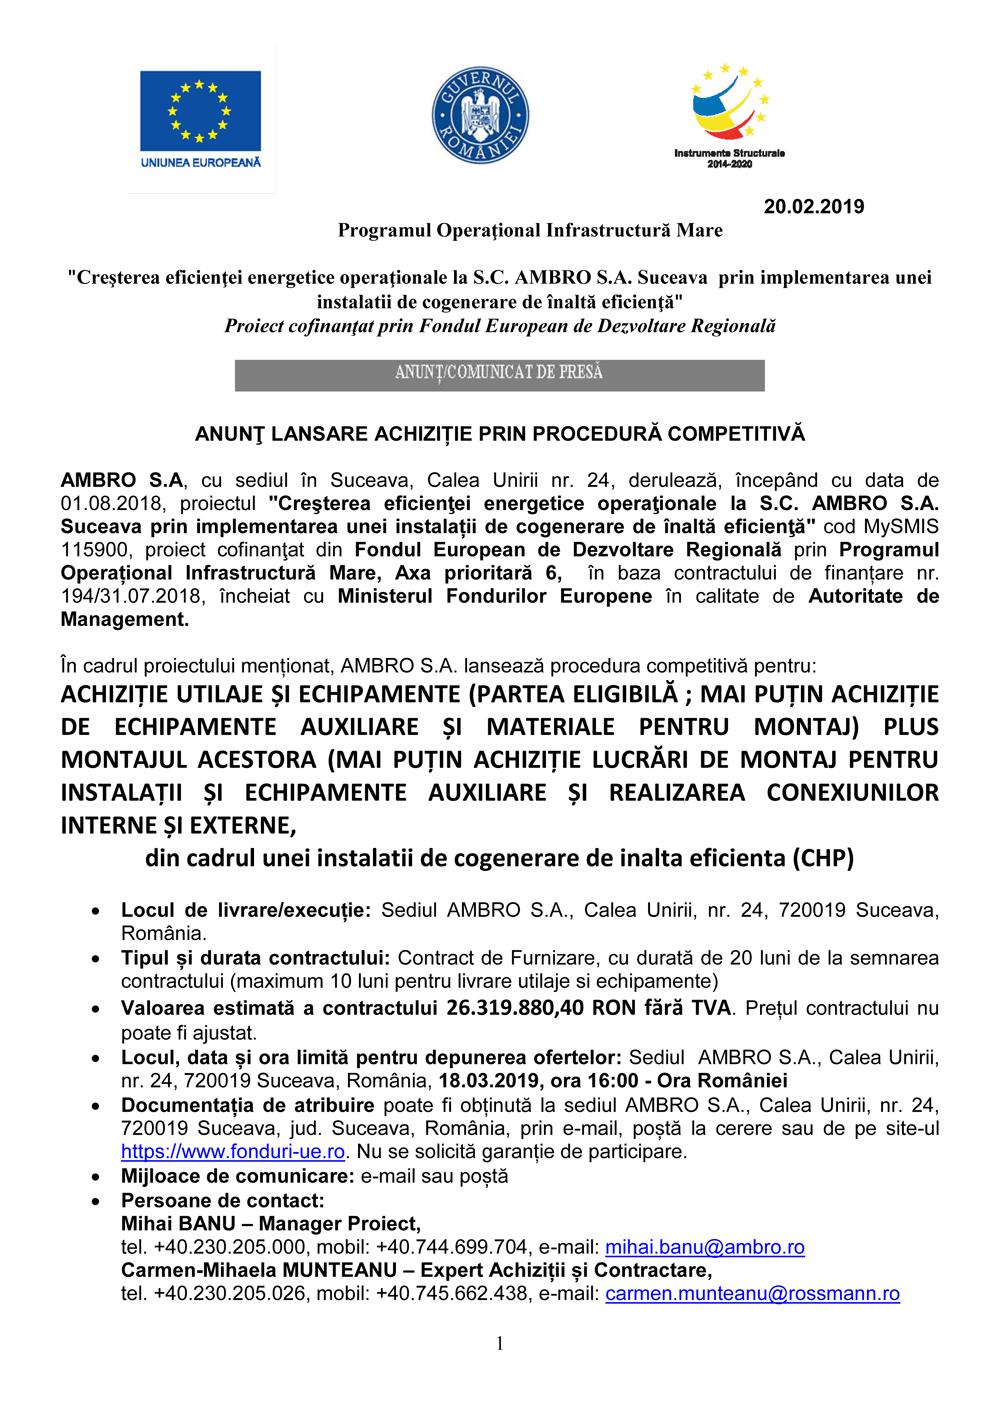 Anunt-ACHIZITIE-CHP---cod-MySMIS-115900-draft-anunt-ziare